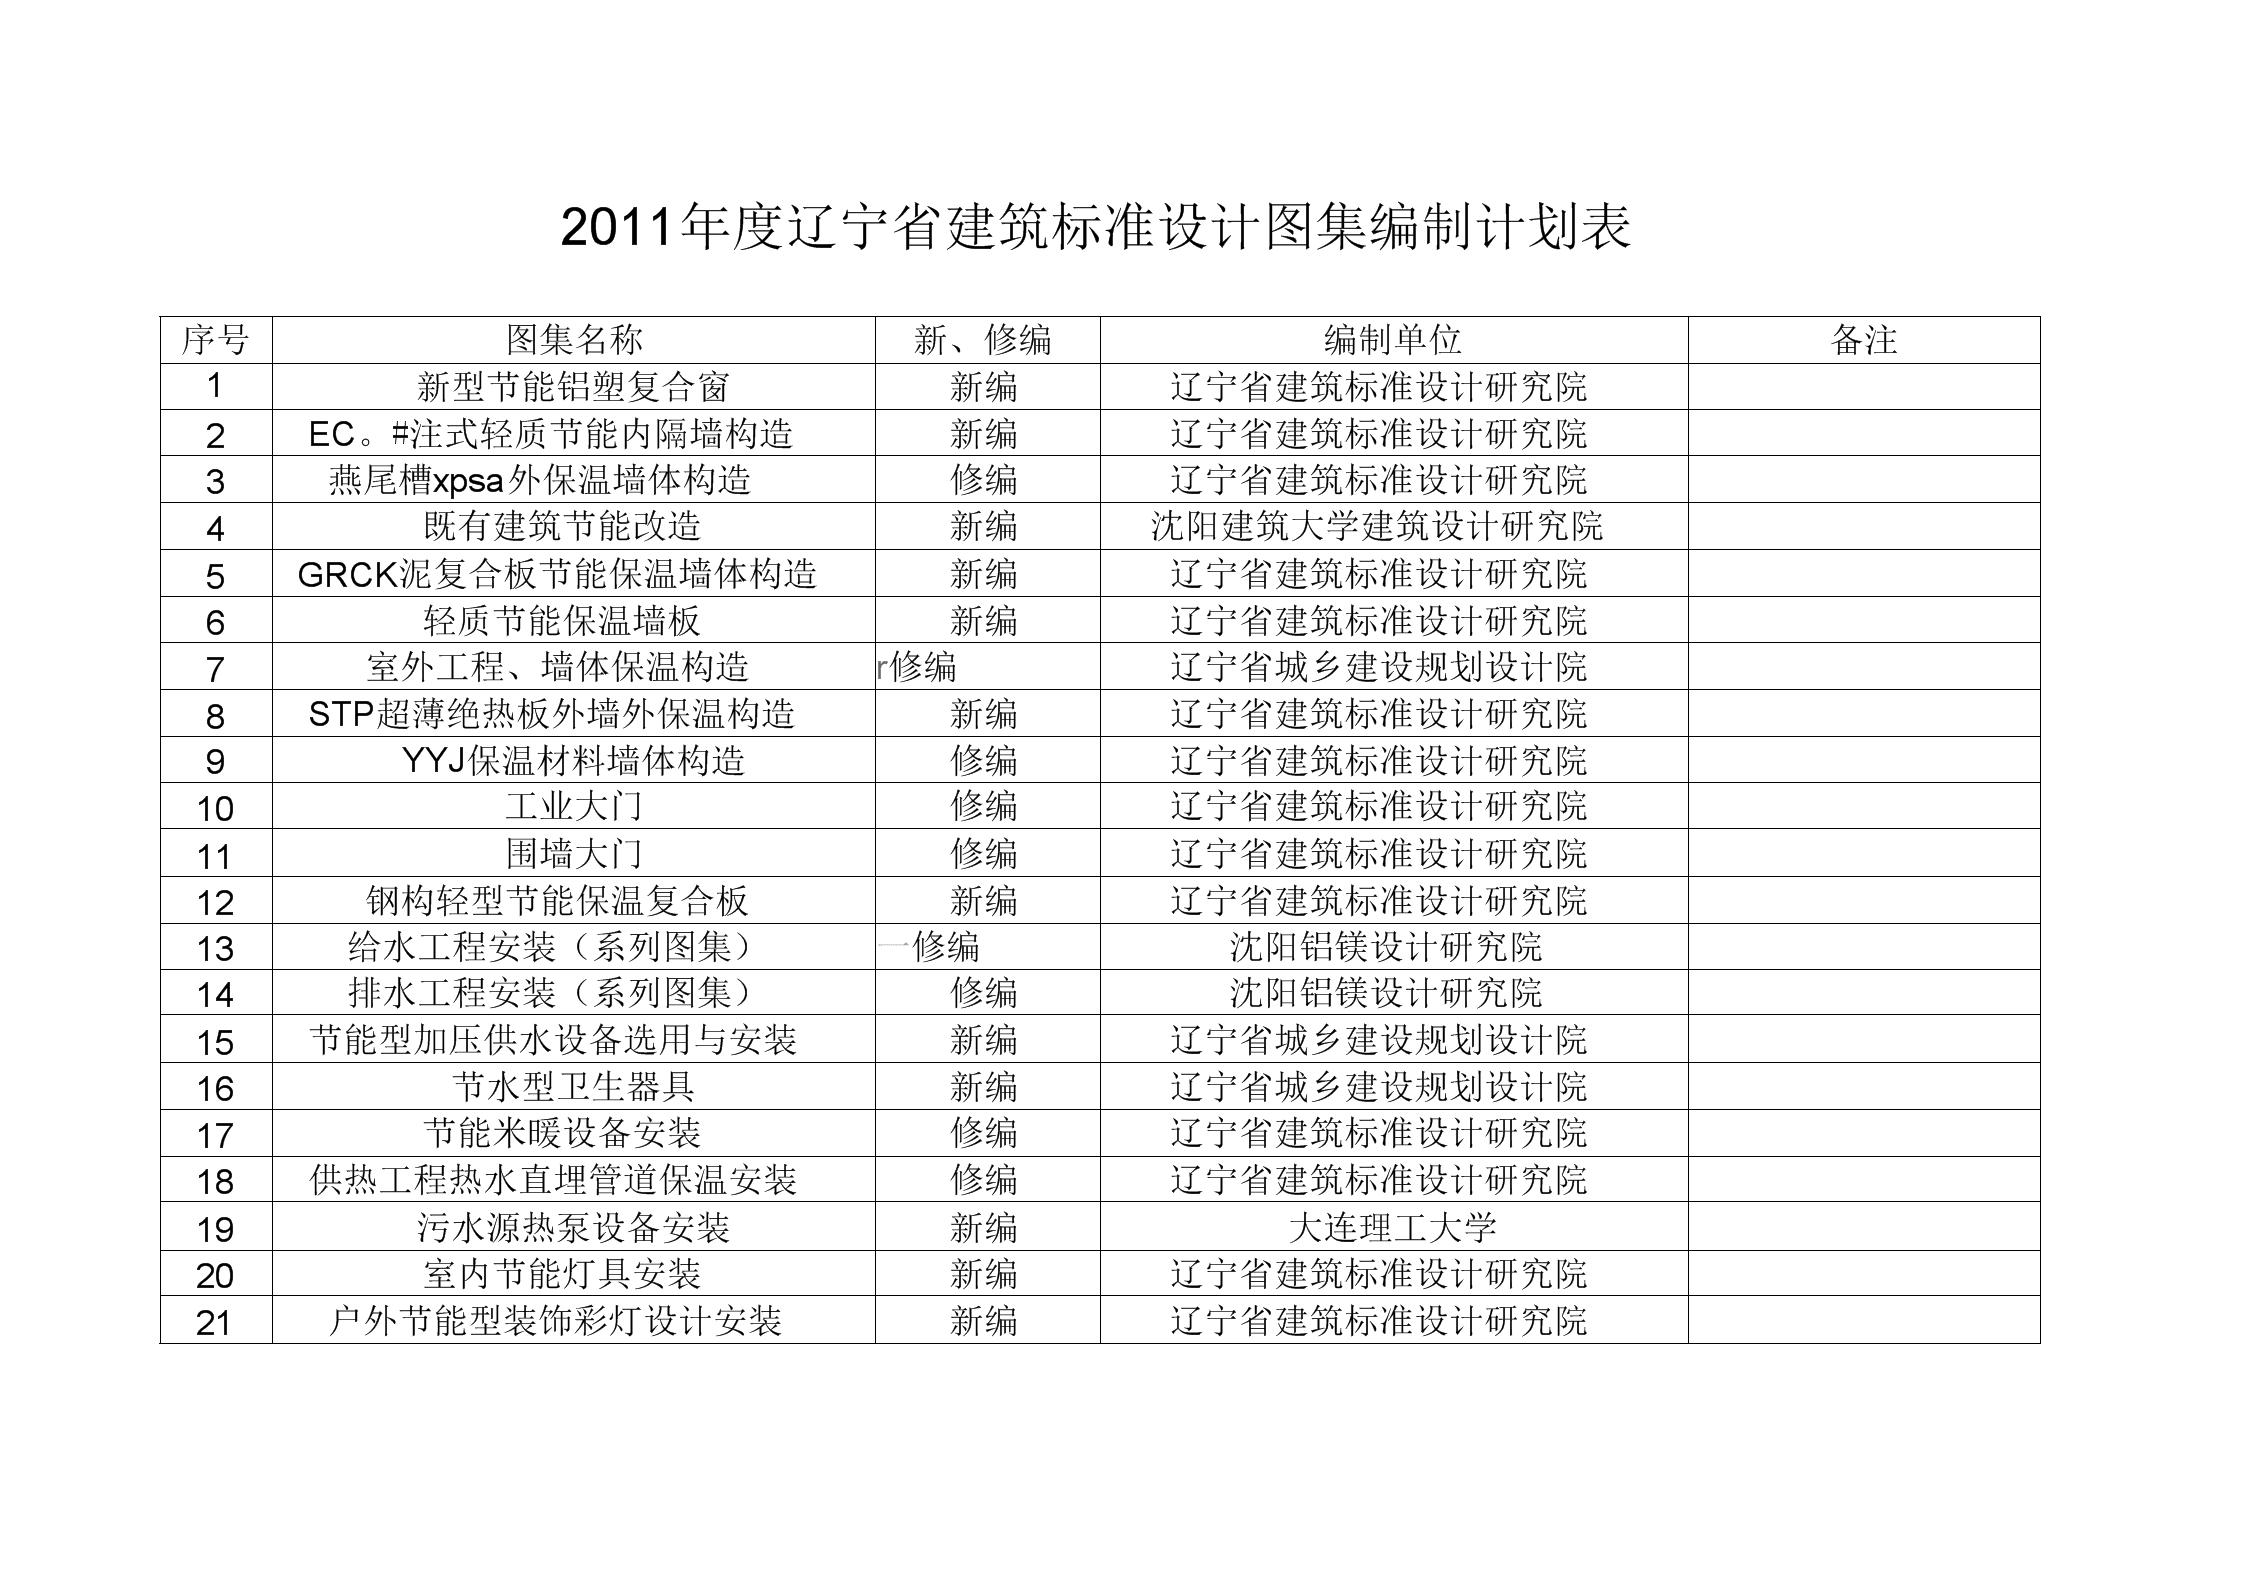 辽宁省建筑标准设计图集编制计划表.docx